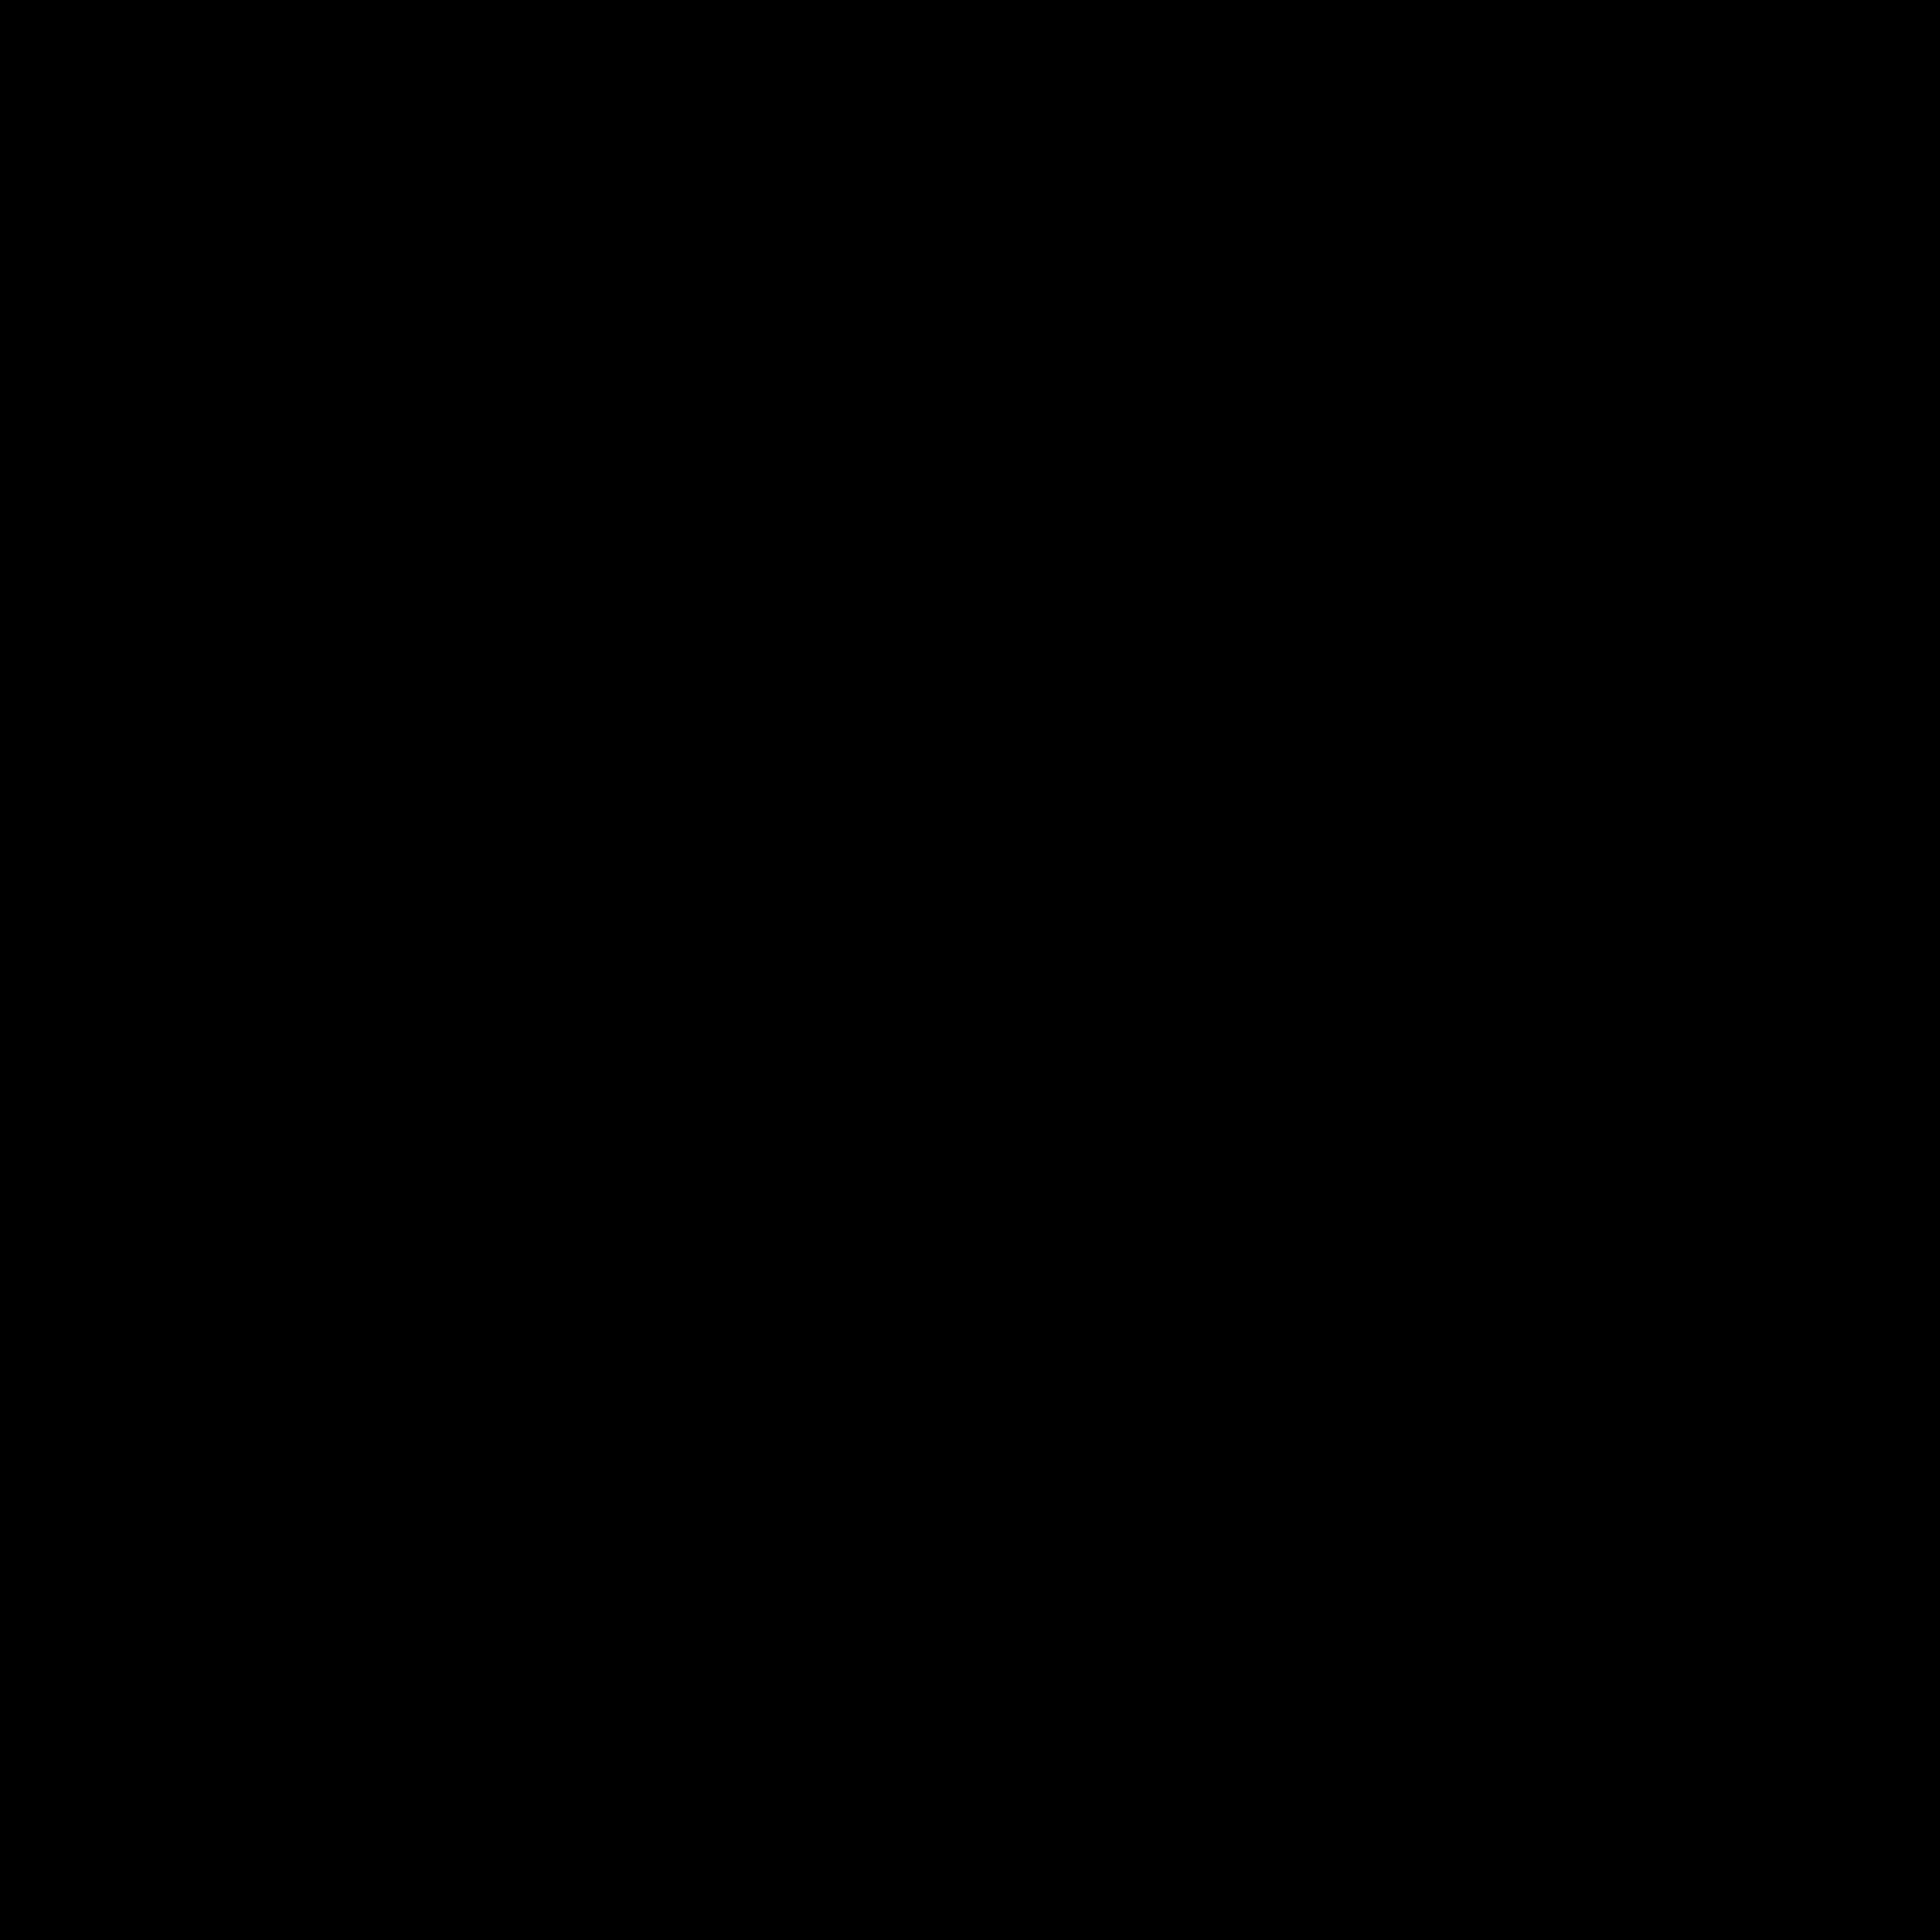 C E logo 0 - C E Logo